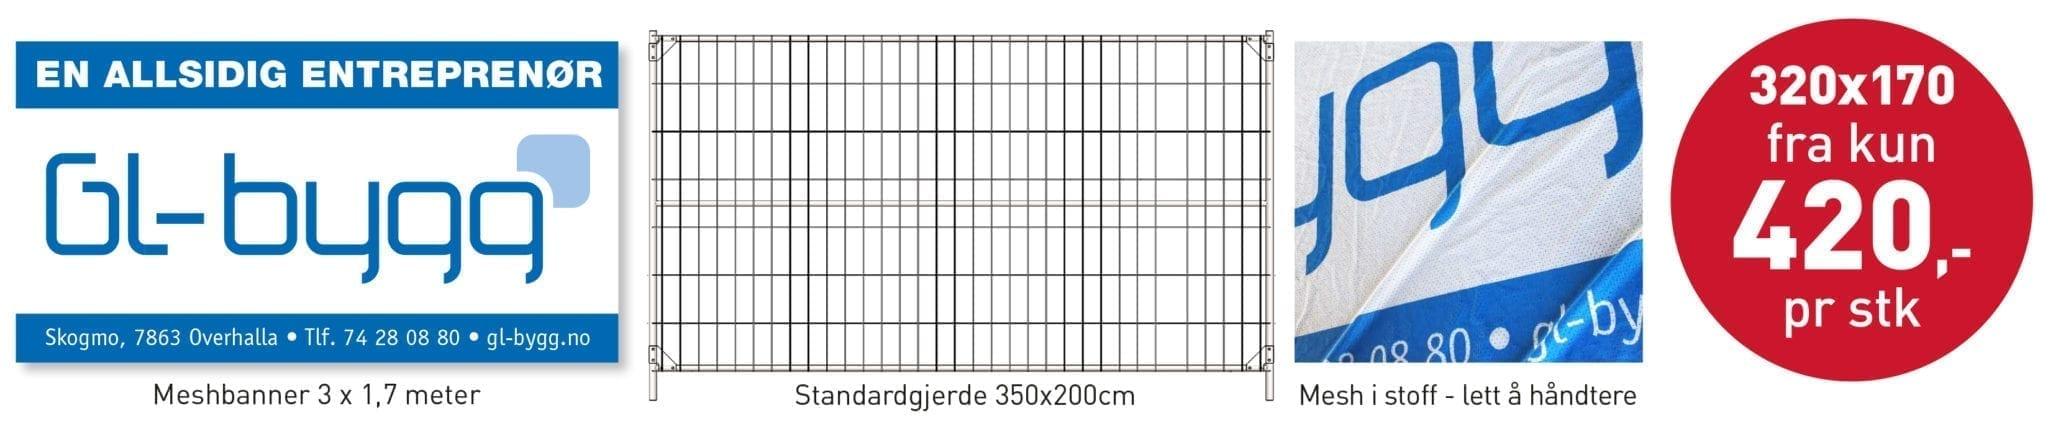 Meshbannere til byggeplassen - Allprofil AS - Trykksaker - Profilering - Klær - Digital skilting - Tjenester - Kontakt